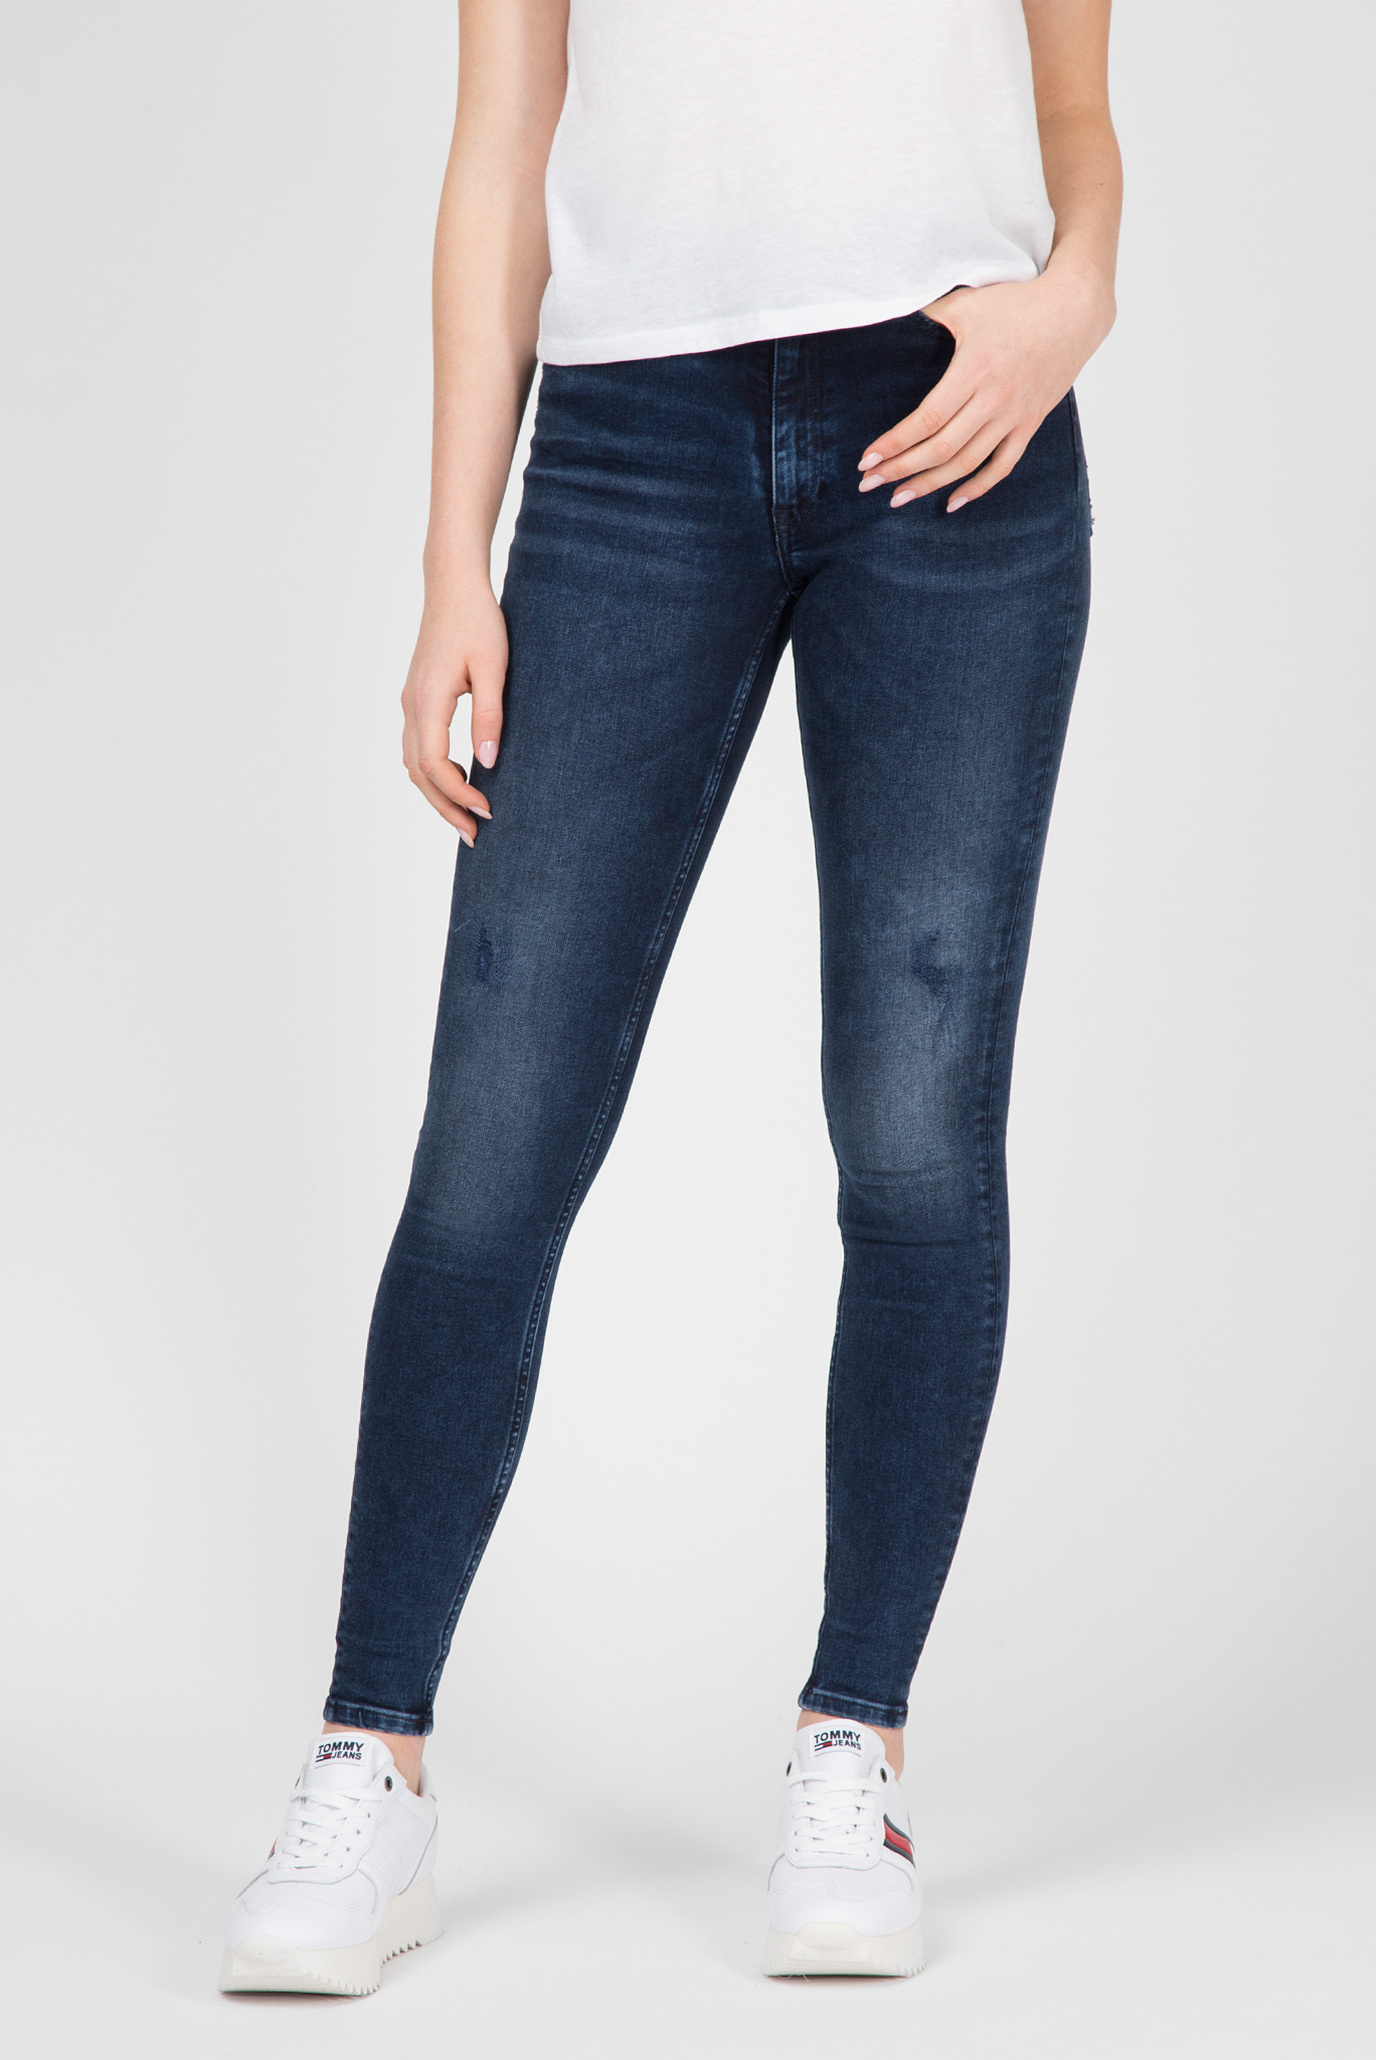 Купить Женские синие джинсы HIGH RISE SKINNY SANTANA Tommy Hilfiger Tommy Hilfiger DW0DW05041 – Киев, Украина. Цены в интернет магазине MD Fashion